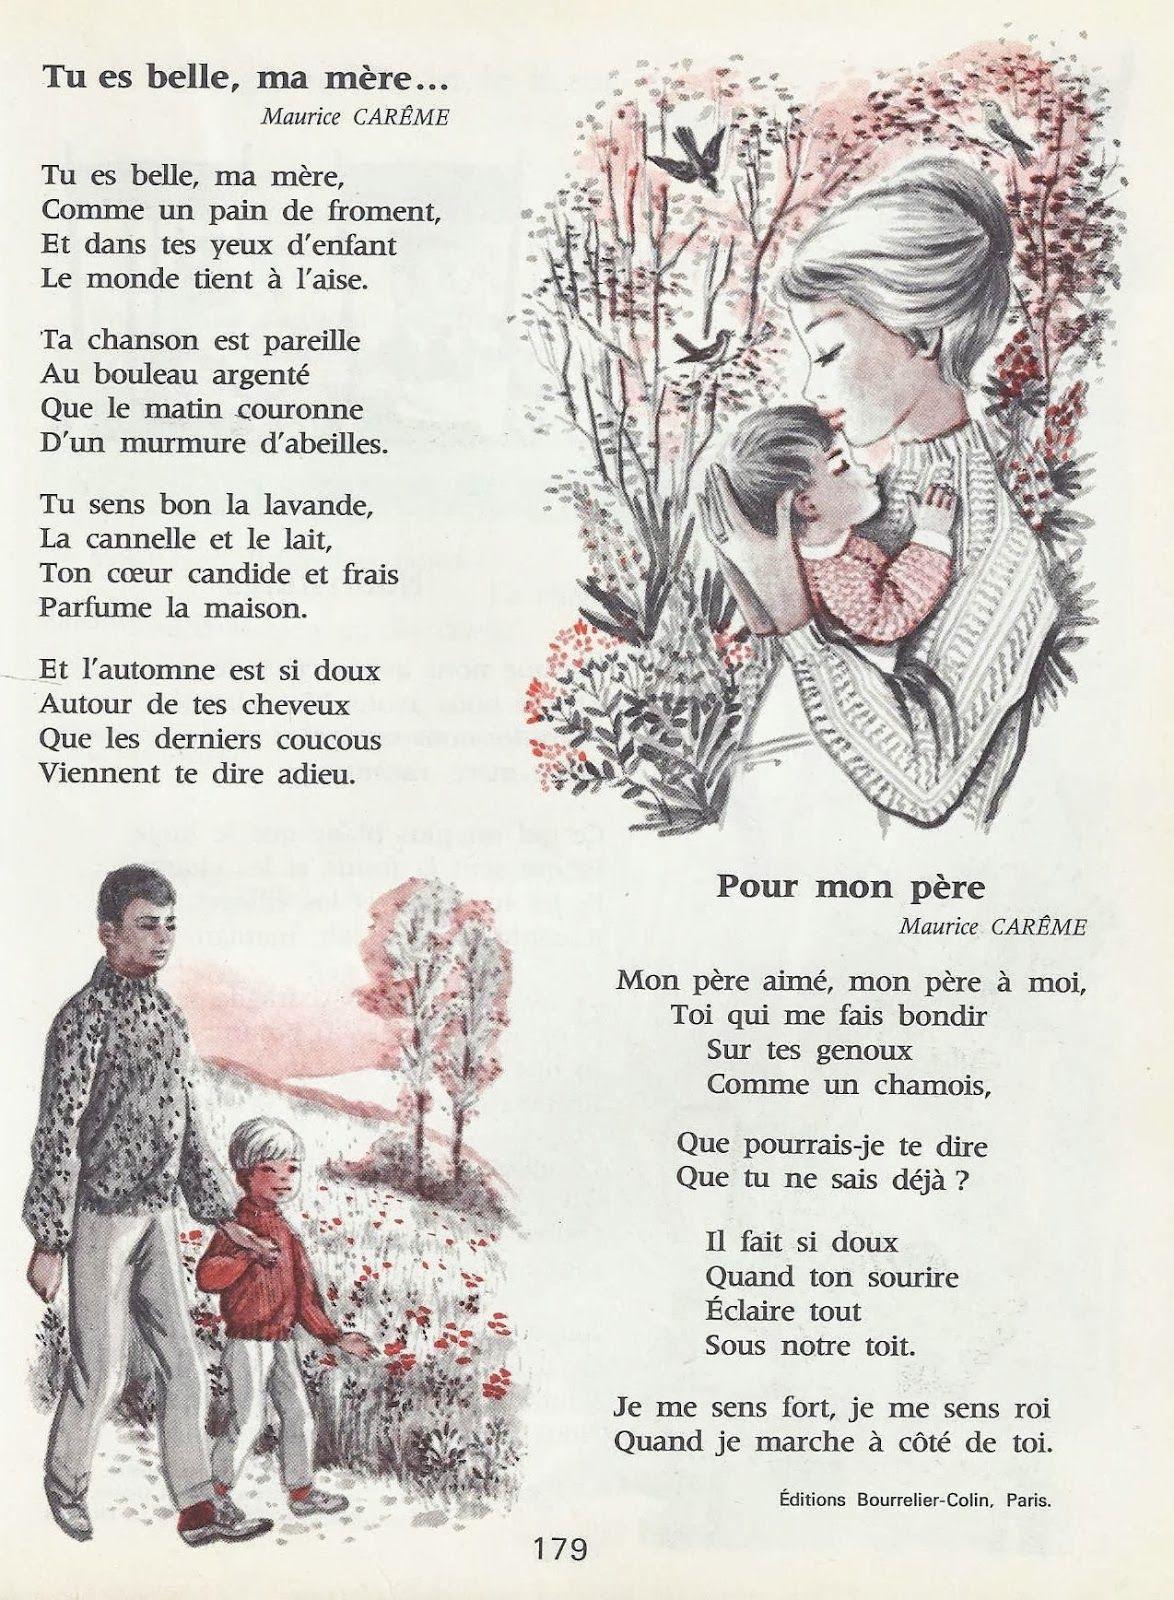 Je Lis Et J'apprends De Beaux Poèmes Ce2 | Beaux Poèmes dedans Poème De Robert Desnos